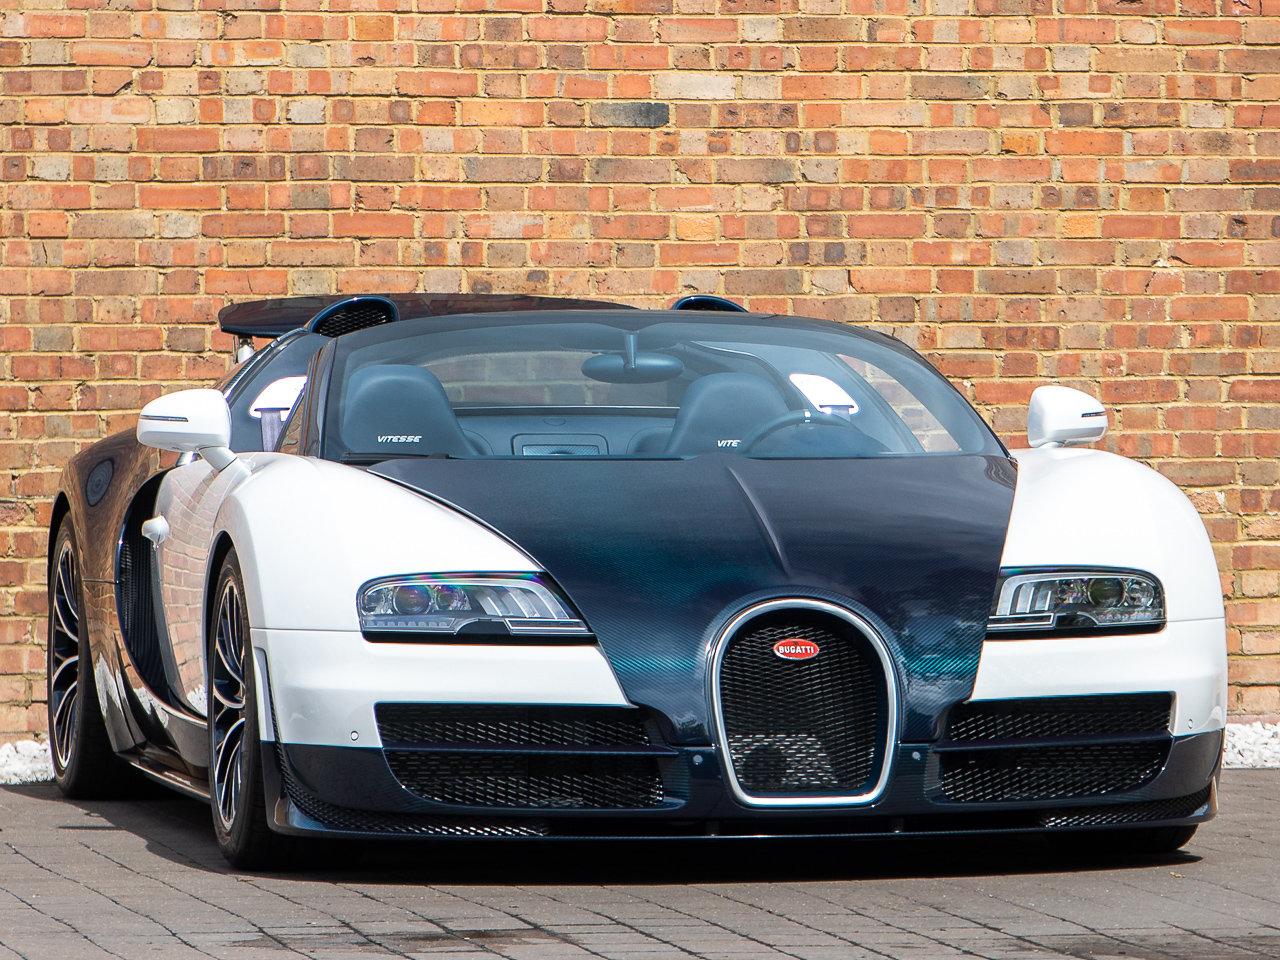 2014 Bugatti Veyron Grand Sport Vitesse For Sale (picture 1 of 6)